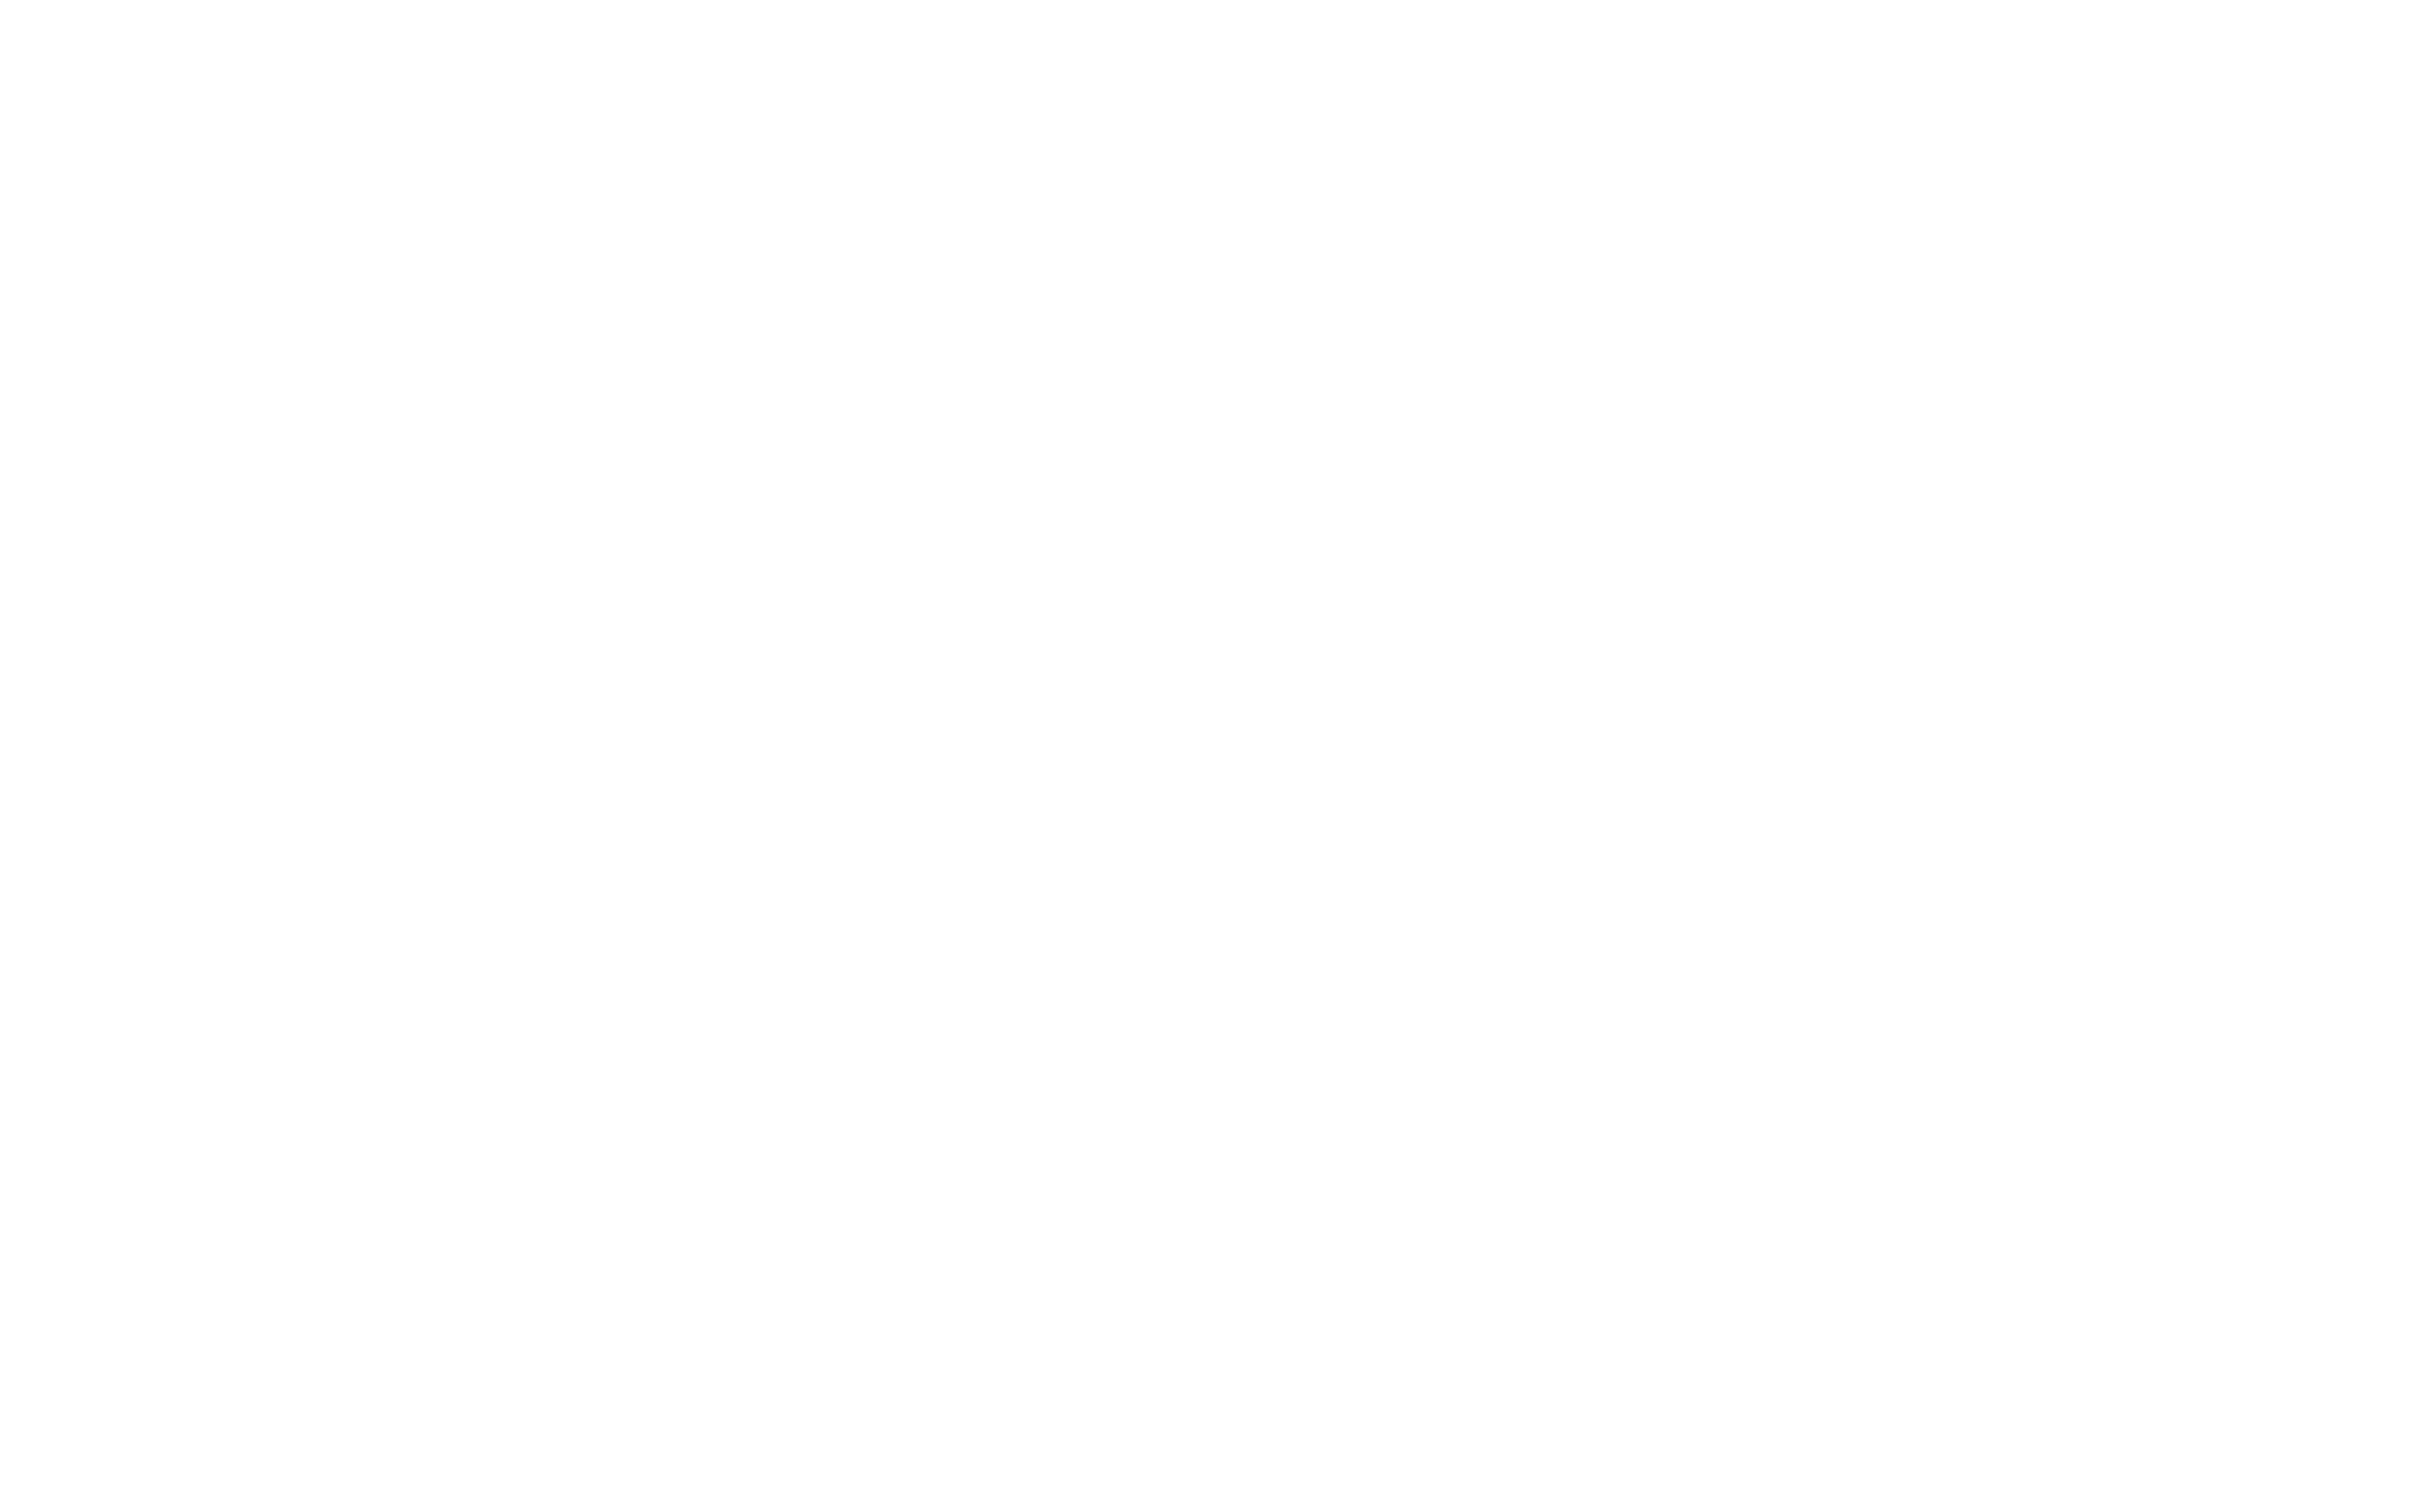 mercaux